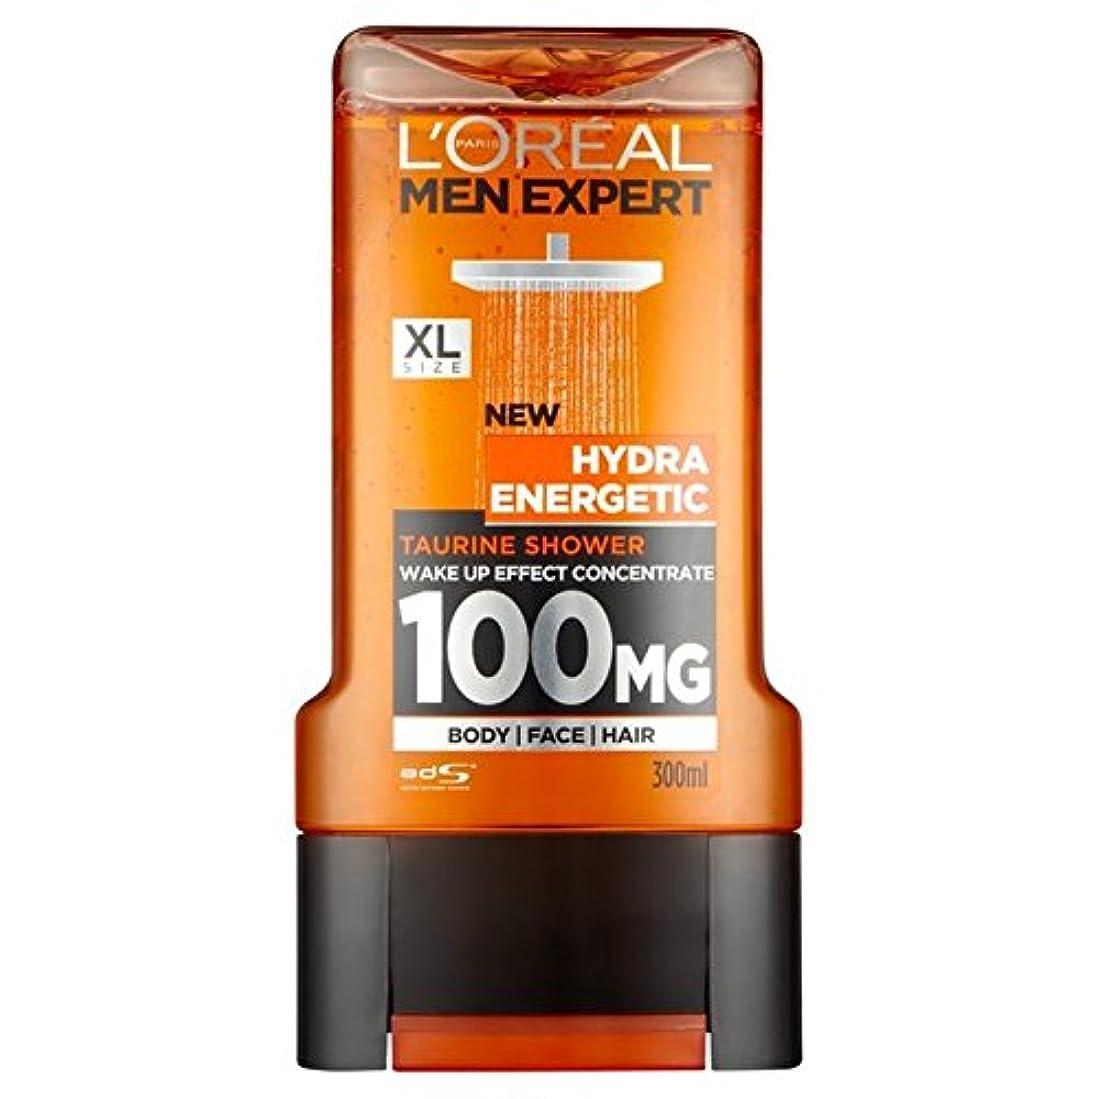 言い直す活気づくソーセージロレアルパリのメンズ専門家ヒドラエネルギッシュなシャワージェル300ミリリットル x4 - L'Oreal Paris Men Expert Hydra Energetic Shower Gel 300ml (Pack...